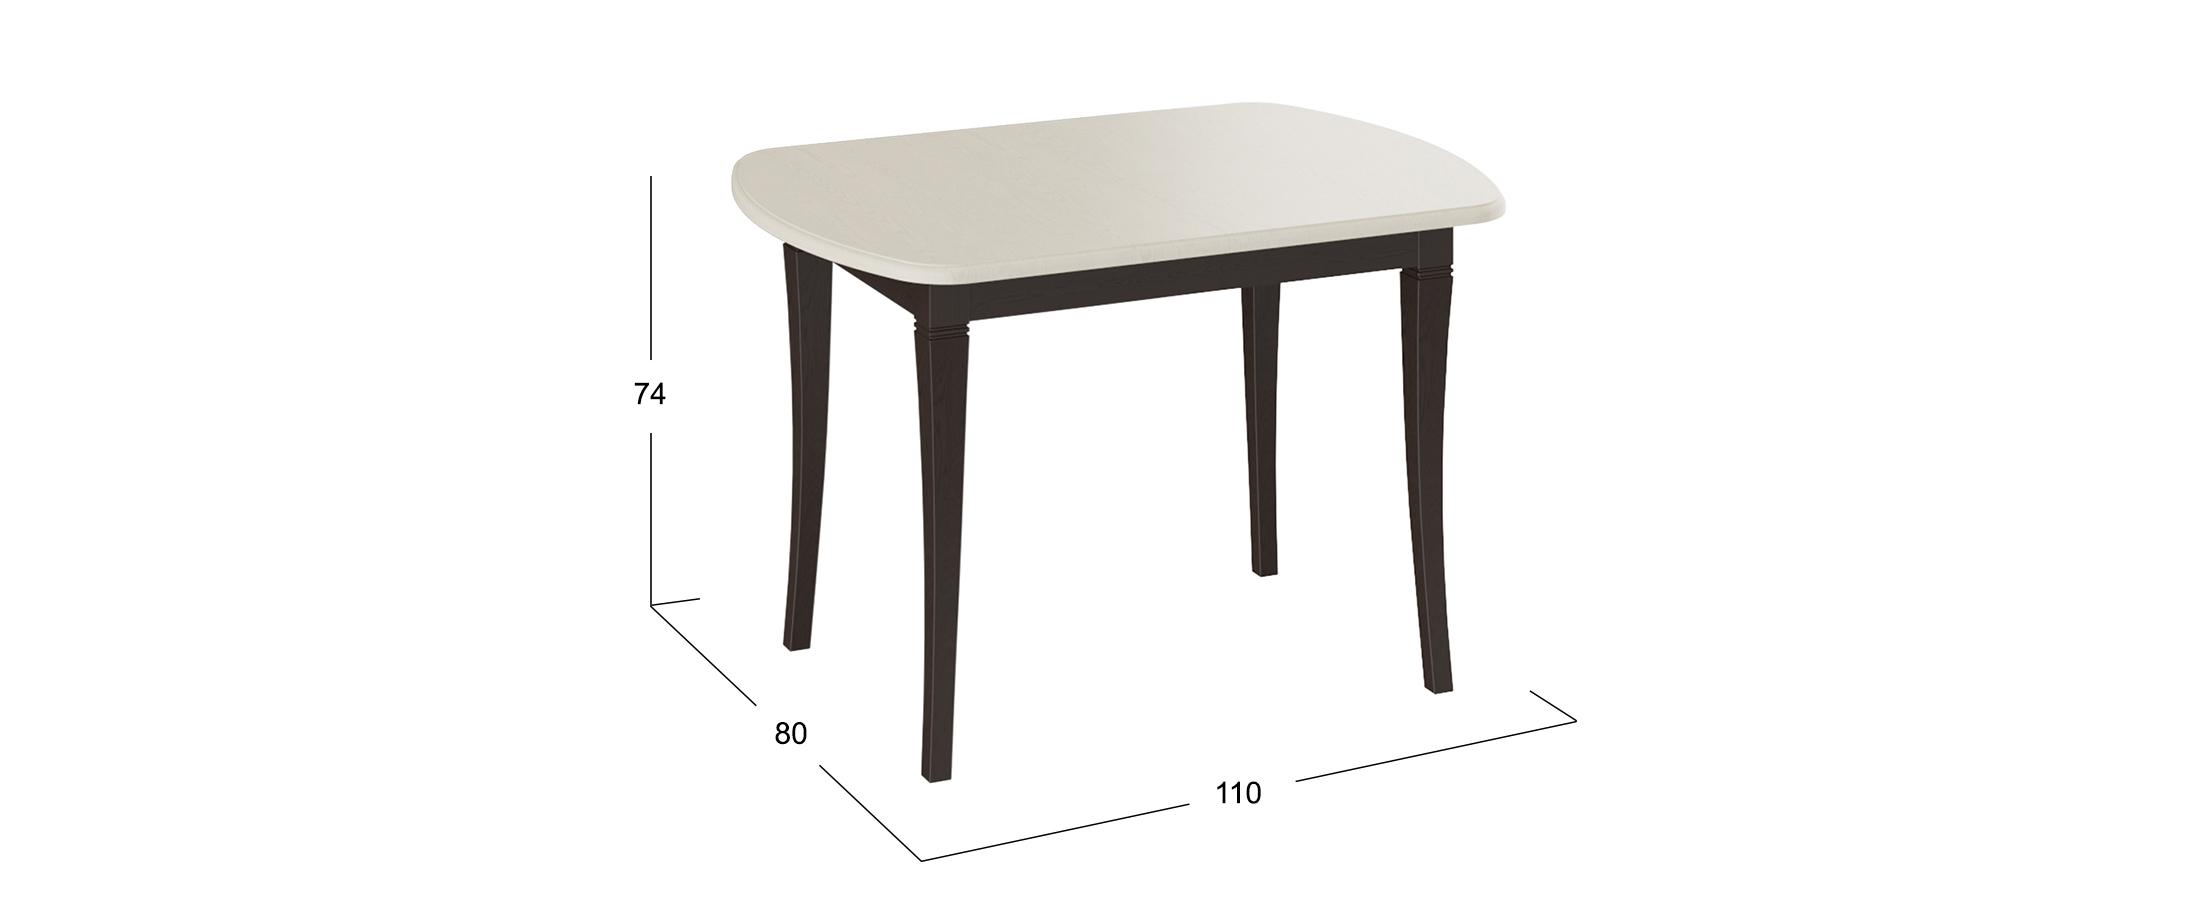 Стол обеденный Альт 110*80 Темный орех/слоновая кость